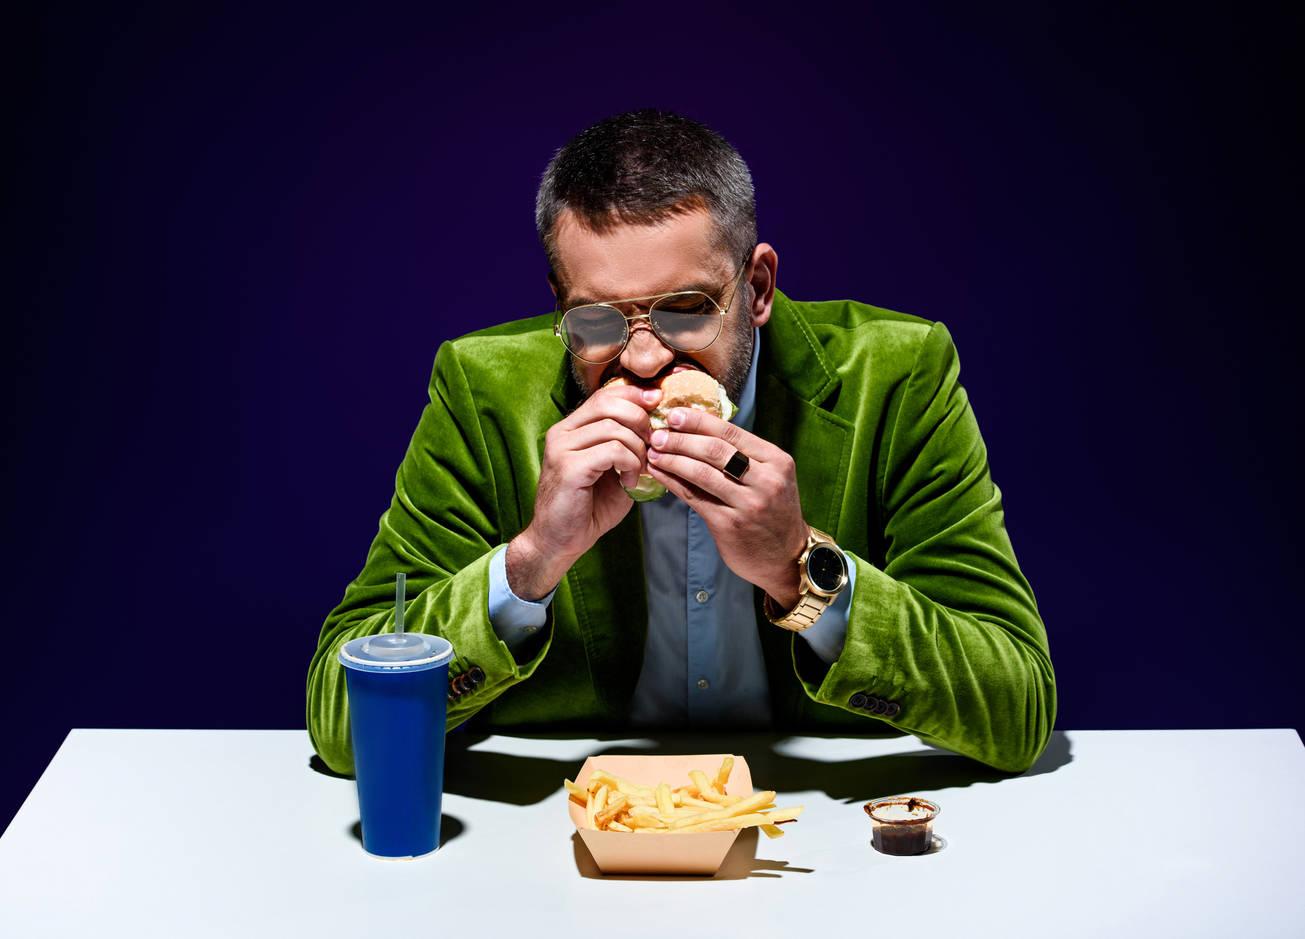 Ешь и кашляй культурно: 5 правил этикета, которые постоянно нарушаешь